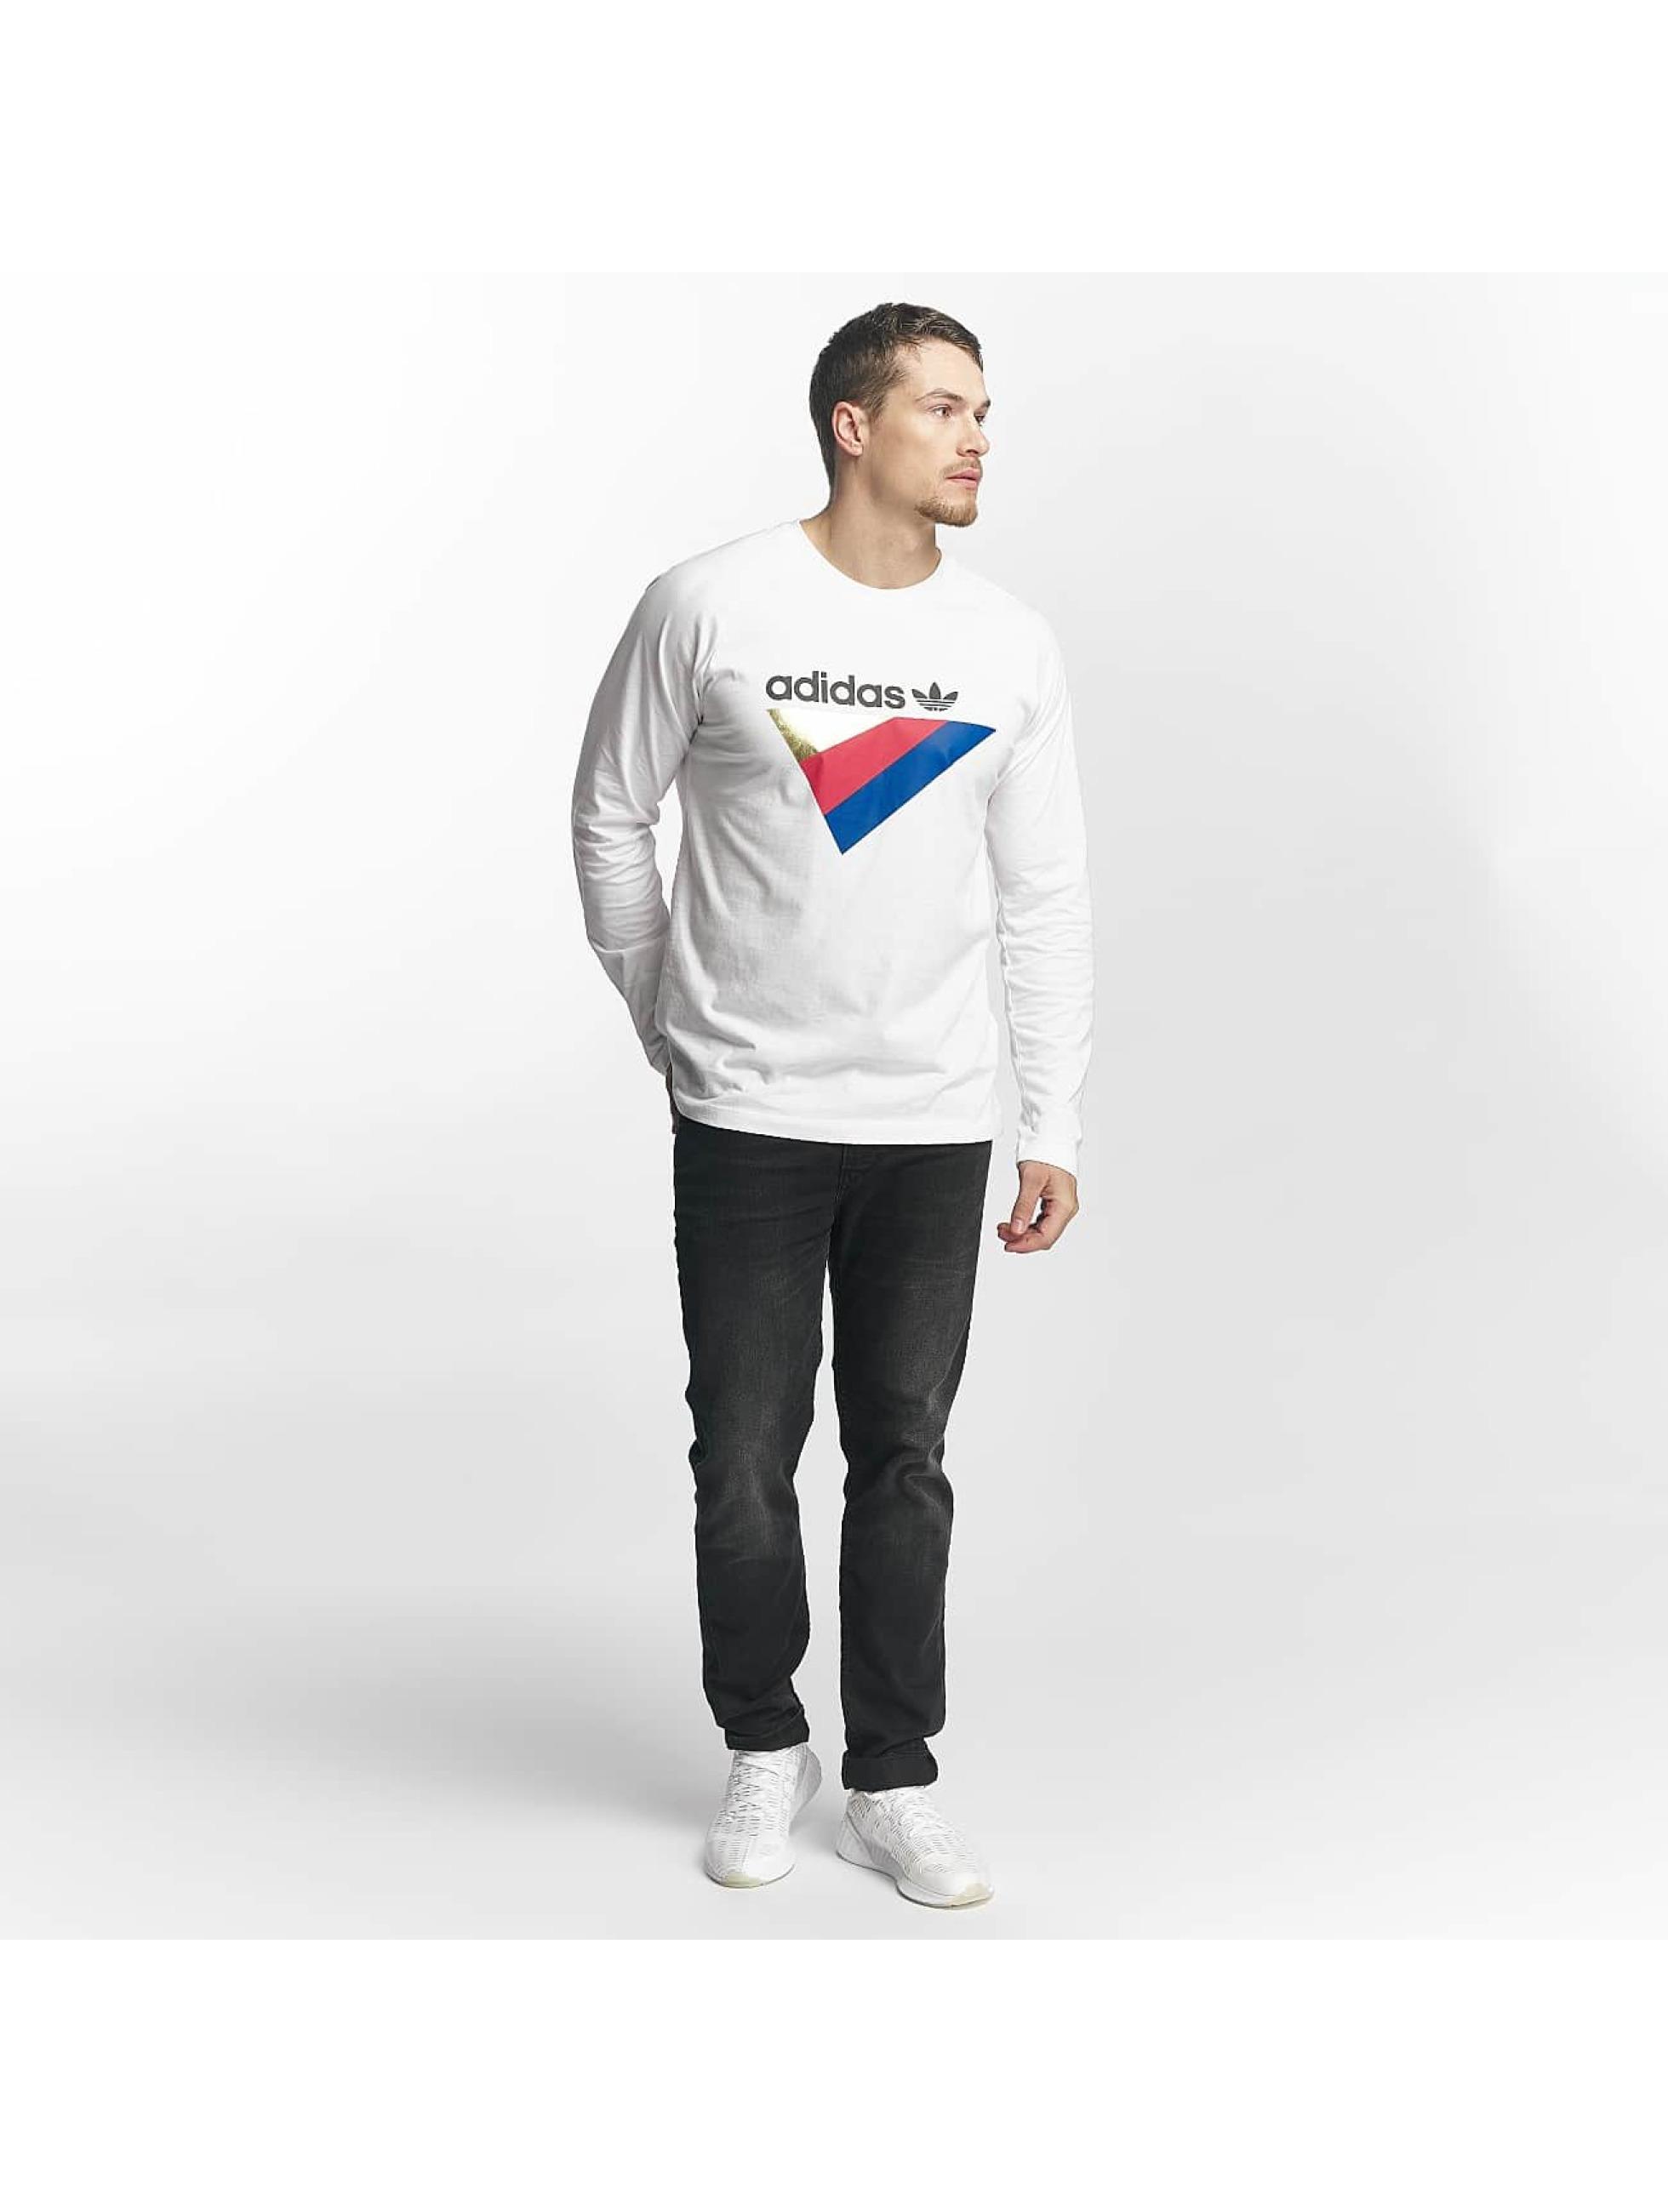 adidas Longsleeve Anichkov weiß